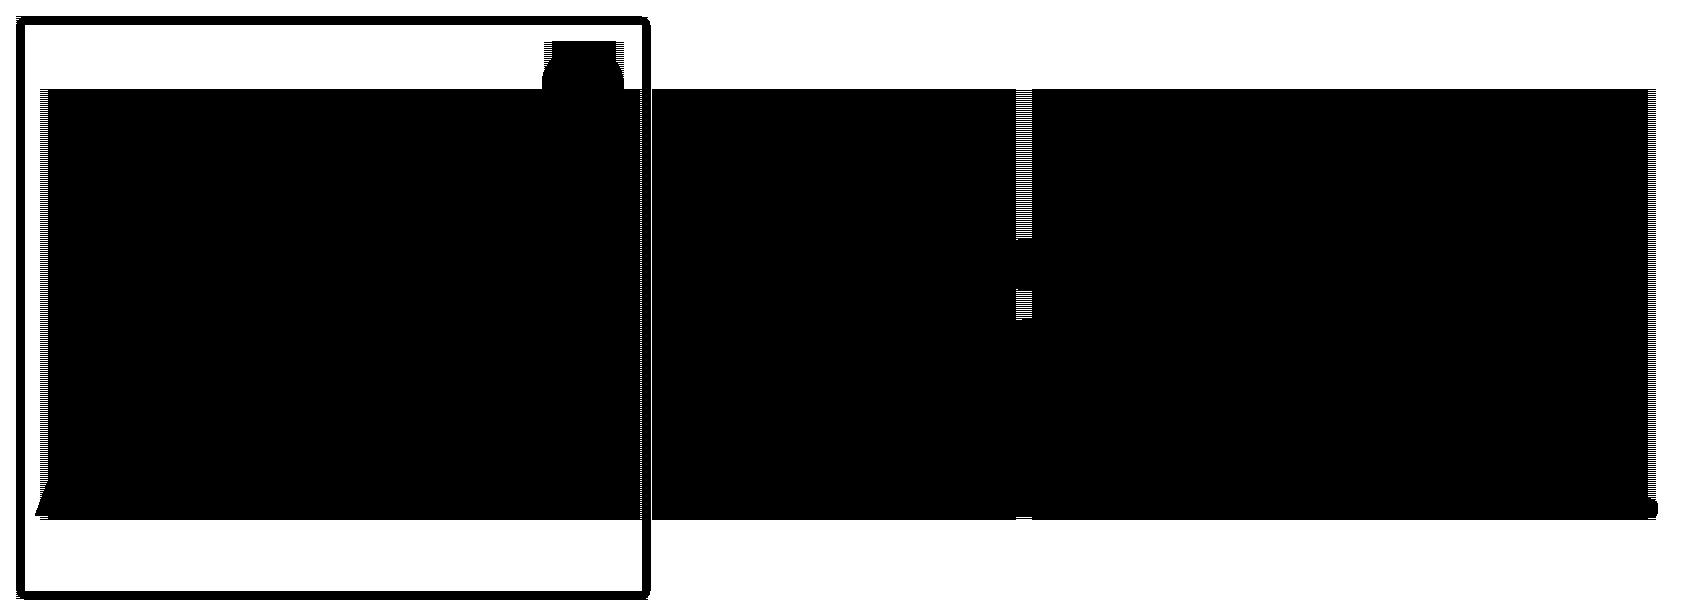 Akalium